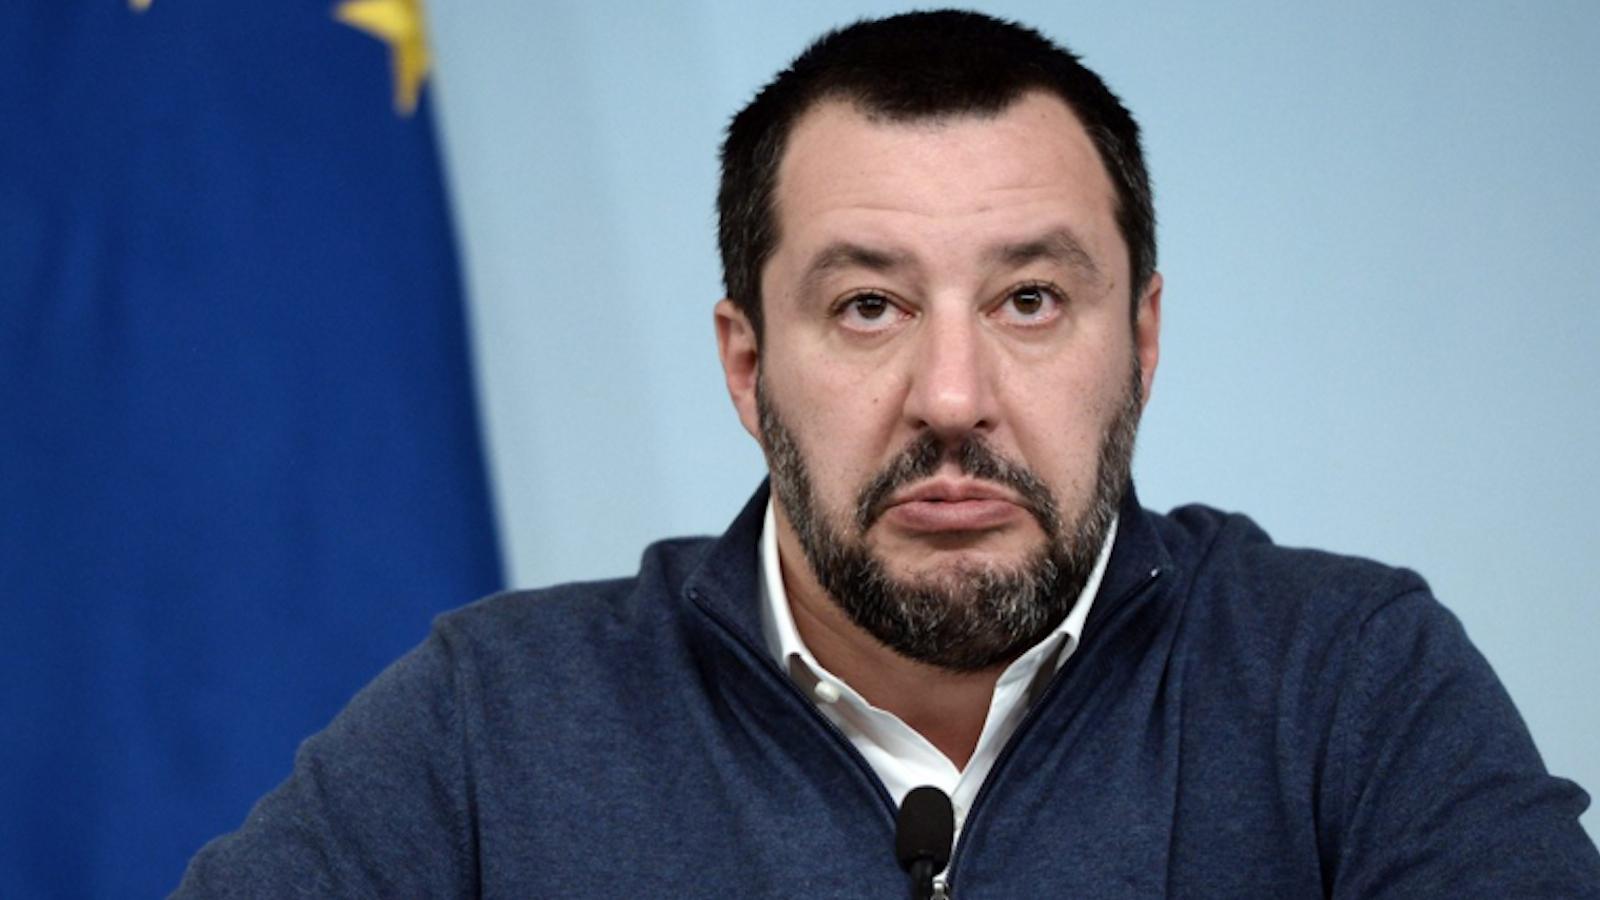 Camilleri contro Salvini: 'Quando impugna il rosario mi dà un senso di vomito'